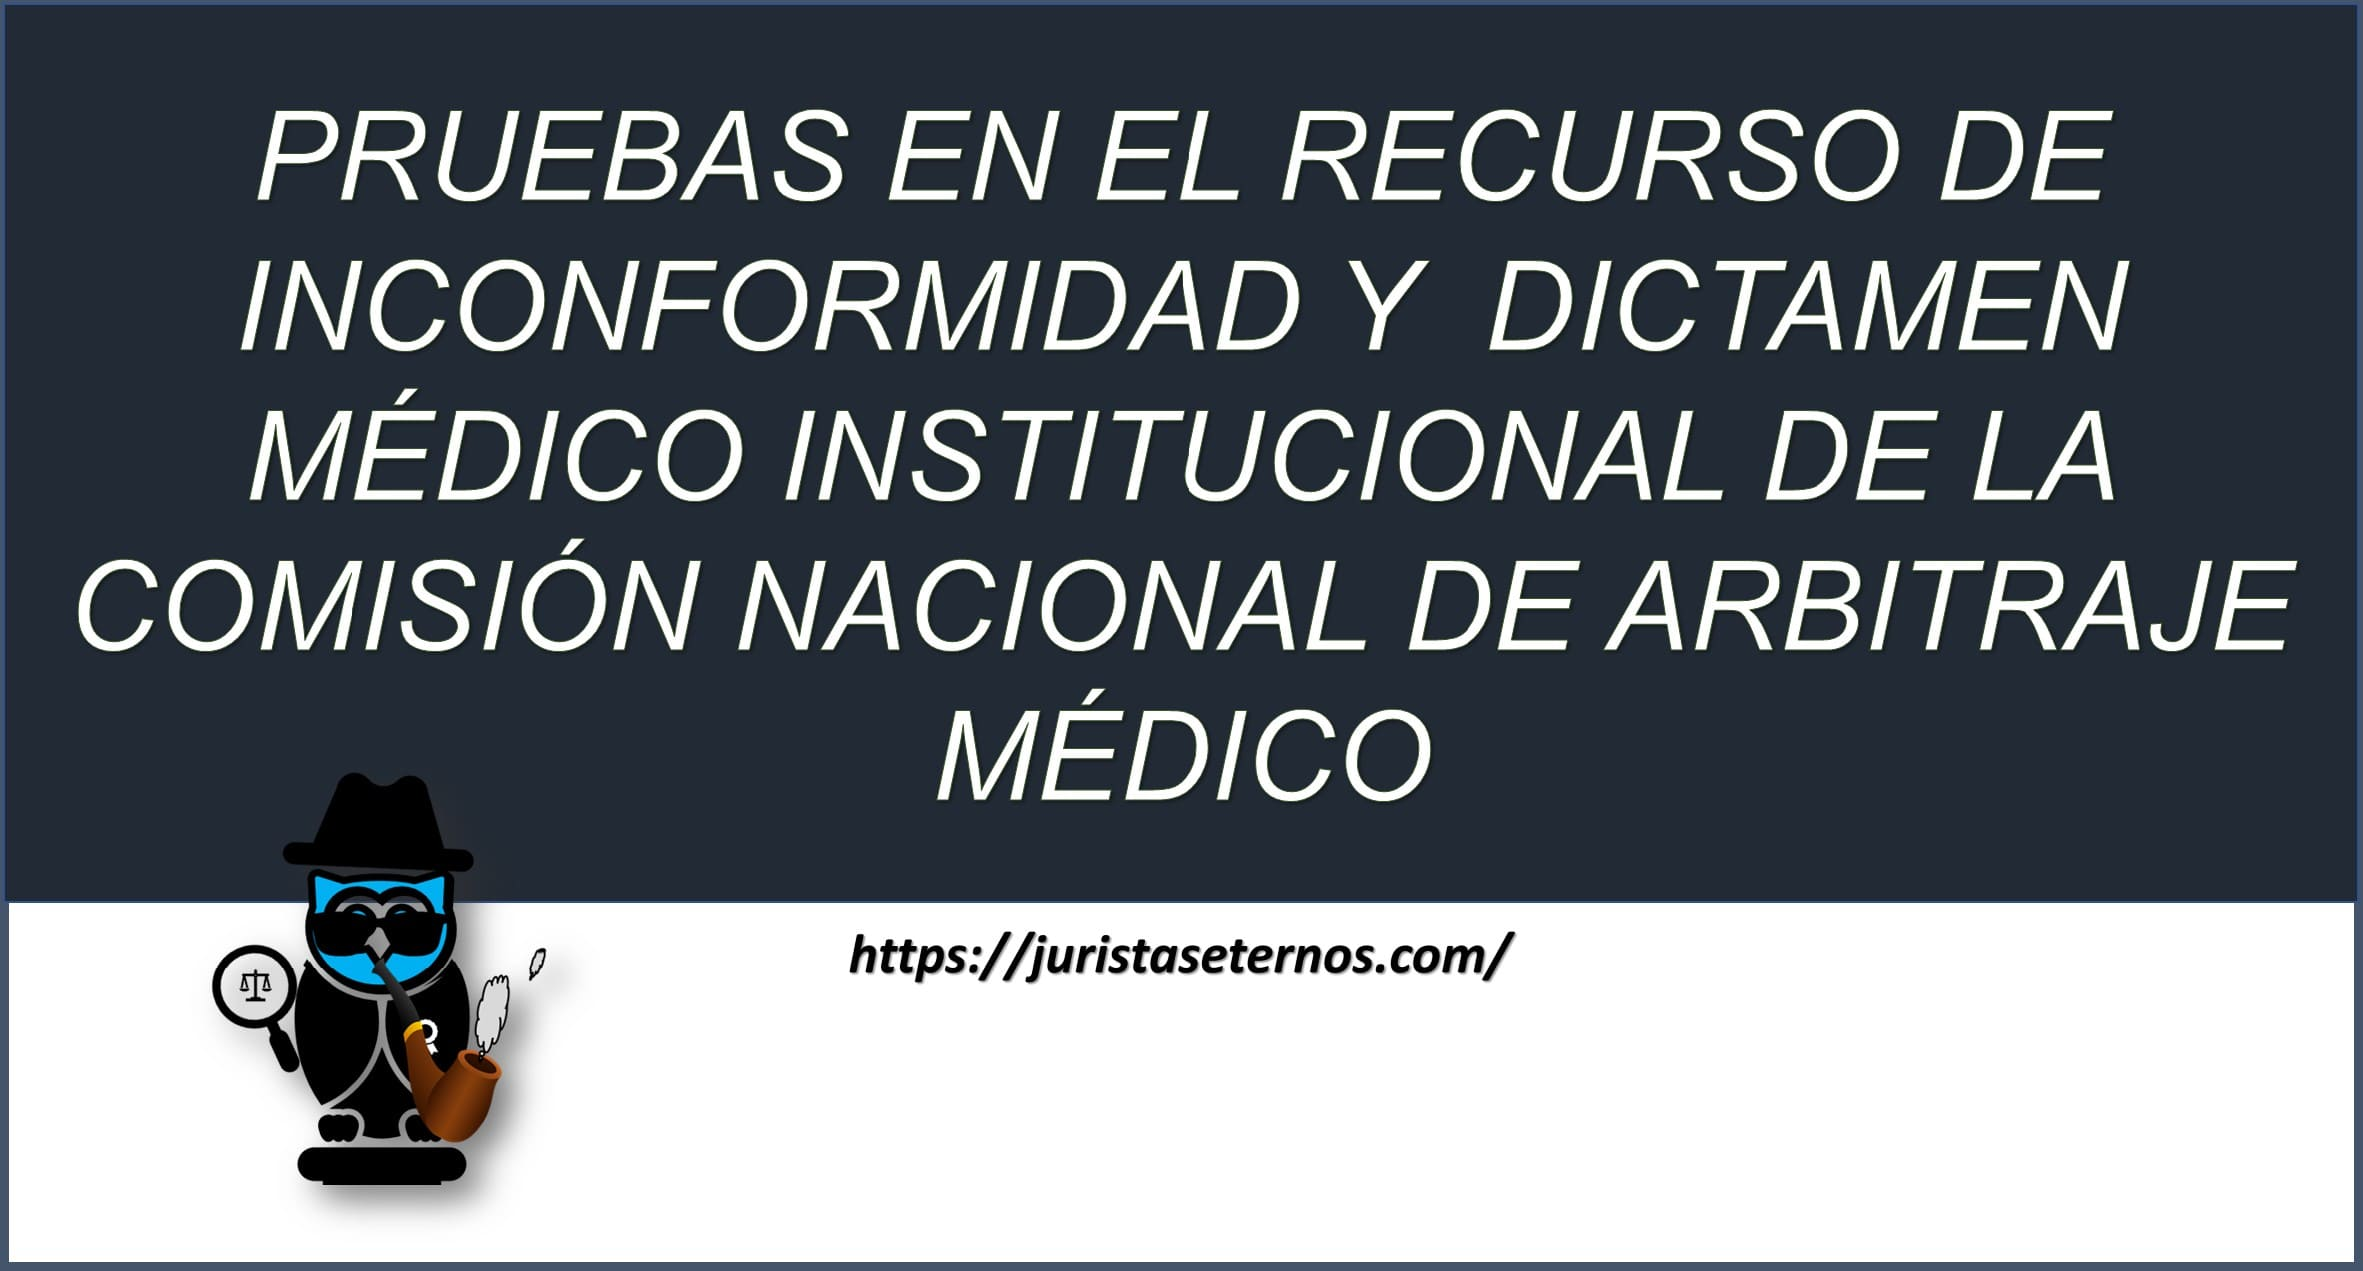 pruebas en el recurso de inconformidad y dictamen medico institucional de la comision nacional de arbitraje medico